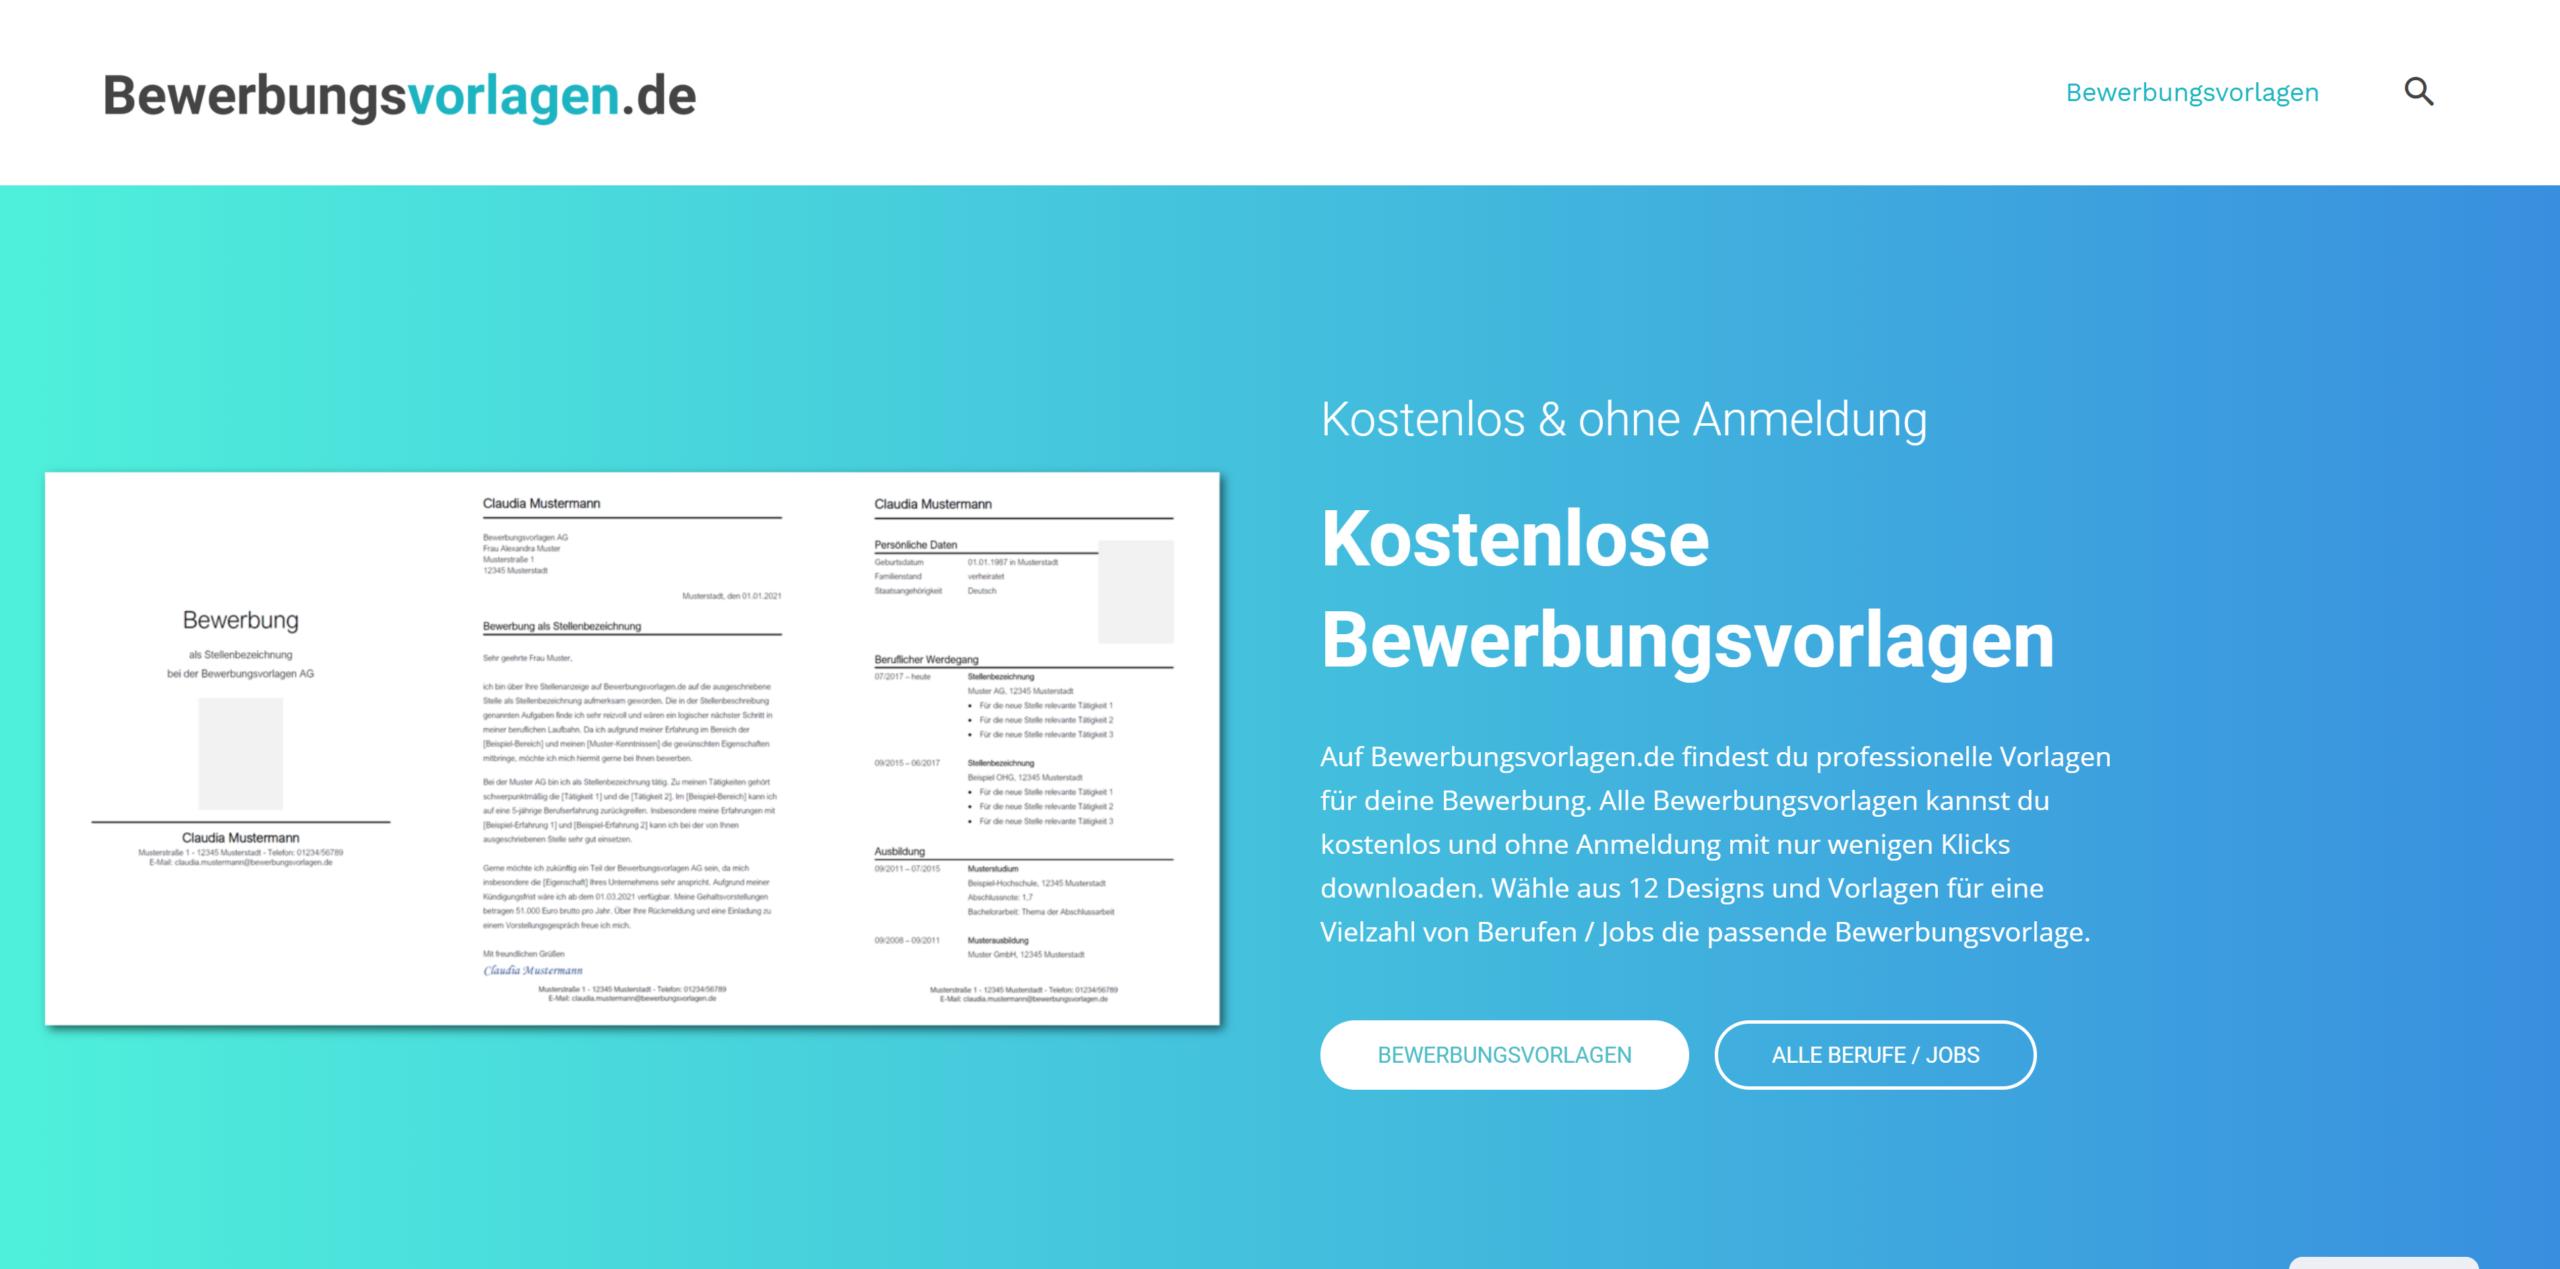 Bewerbungsvorlagen.de: Kostenlose Bewerbungsvorlagen